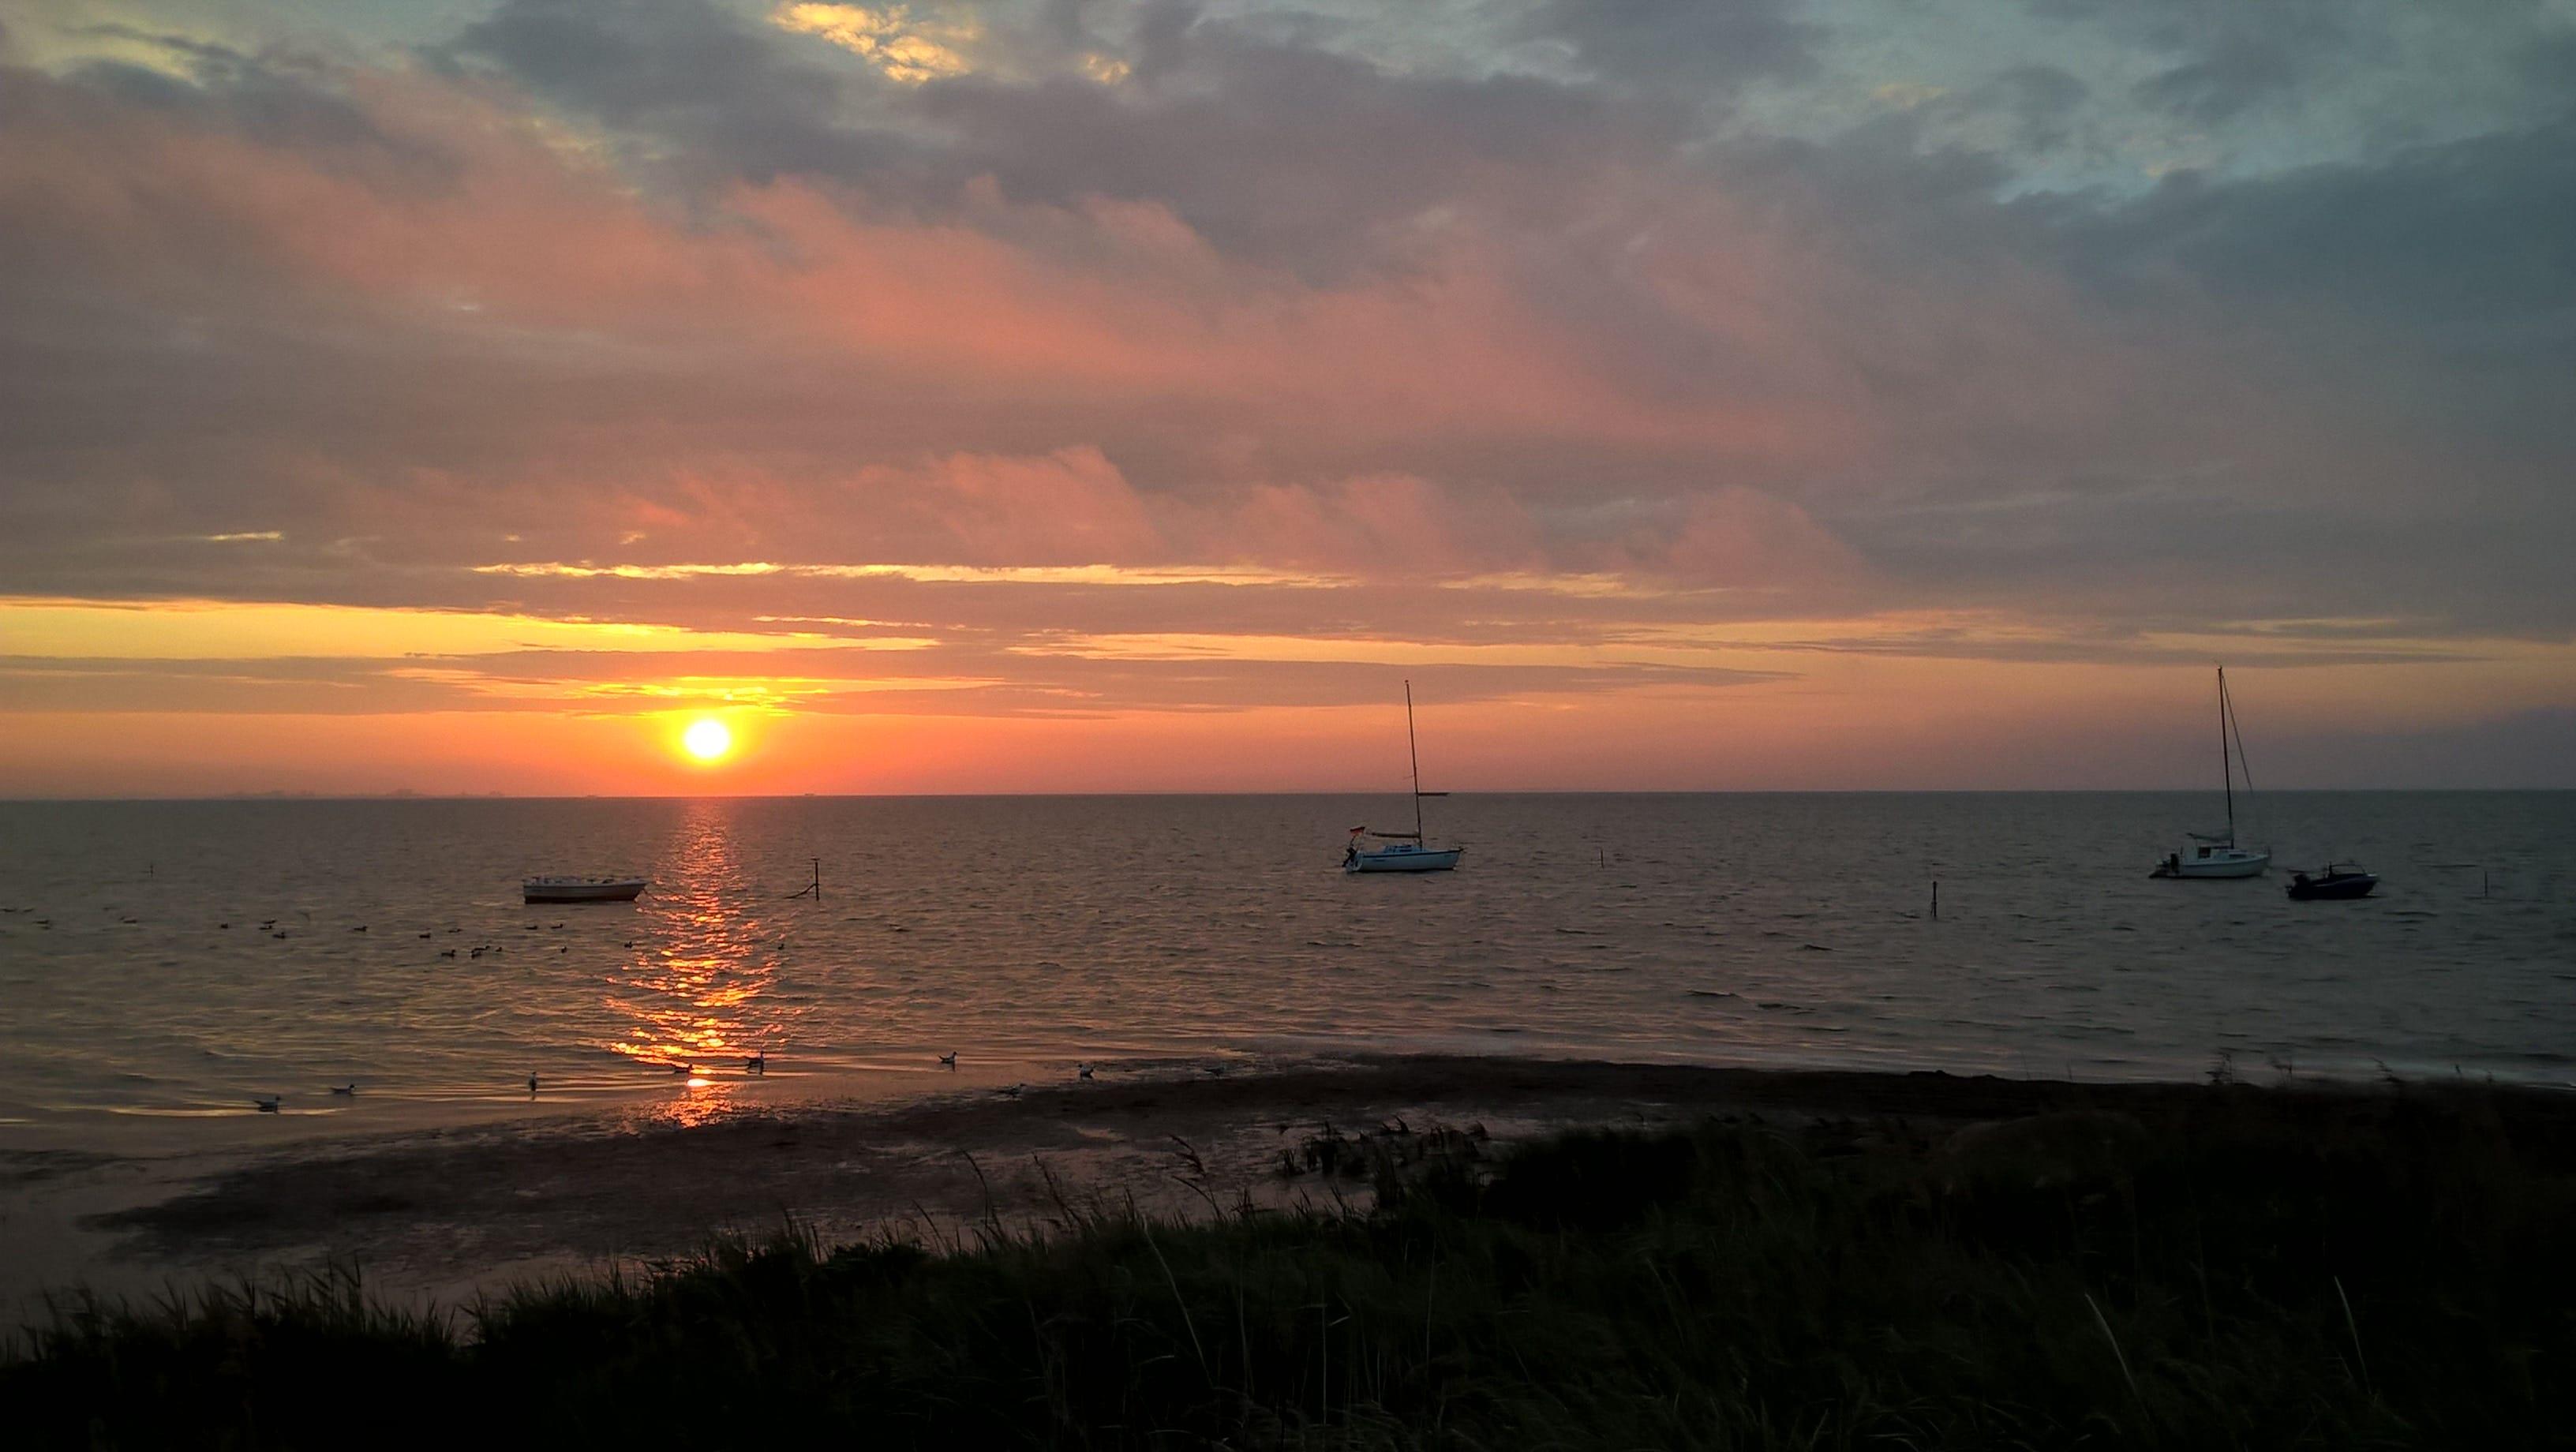 Sonnenuntergang bei Boardway in Loissin